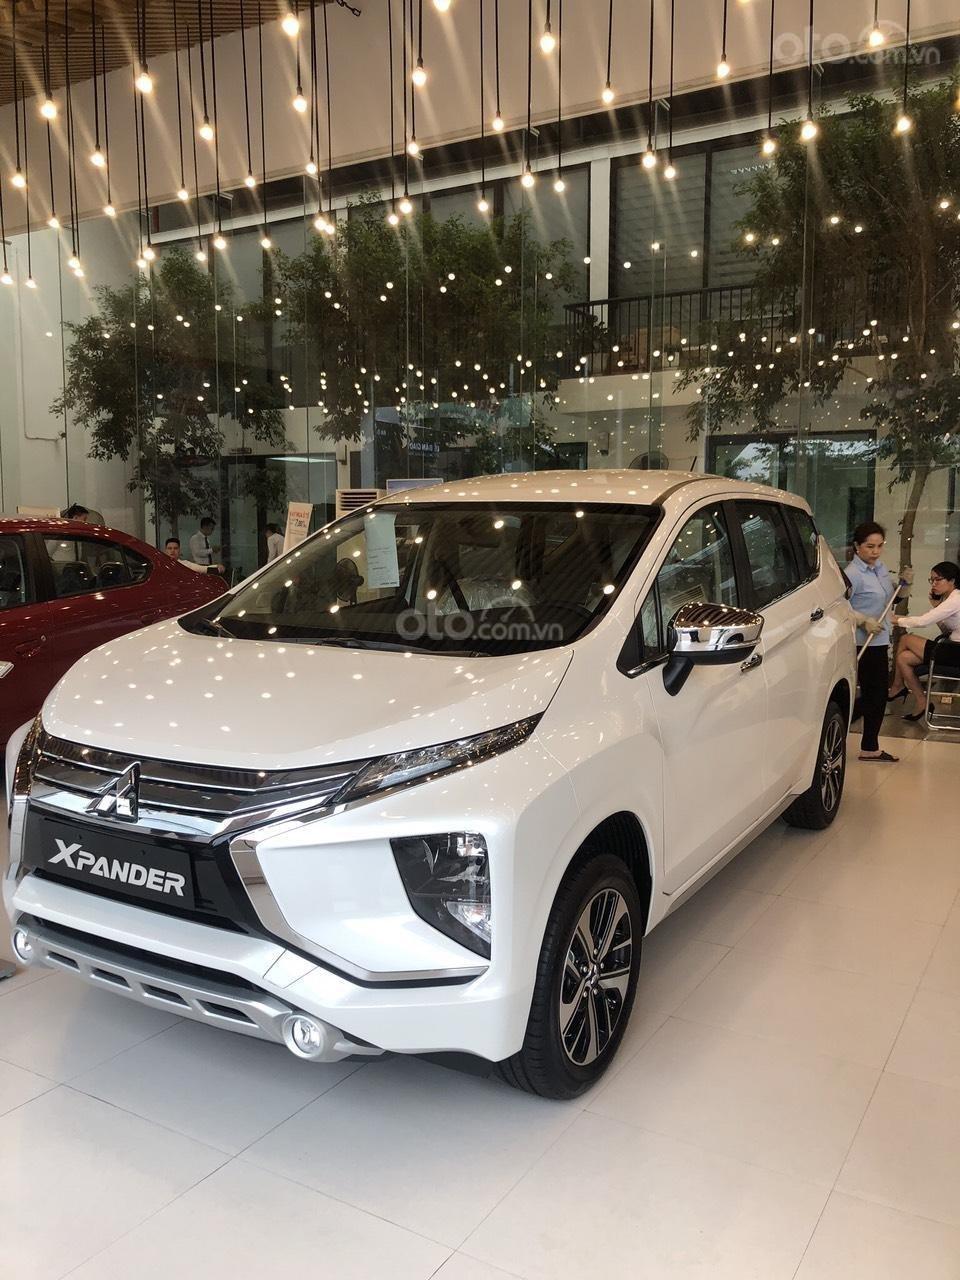 Bán Xpander số sàn năm 2019, màu trắng tại Nghệ An-Hà Tĩnh, trả góp 80%, 0963.773.462, giá 550tr (1)